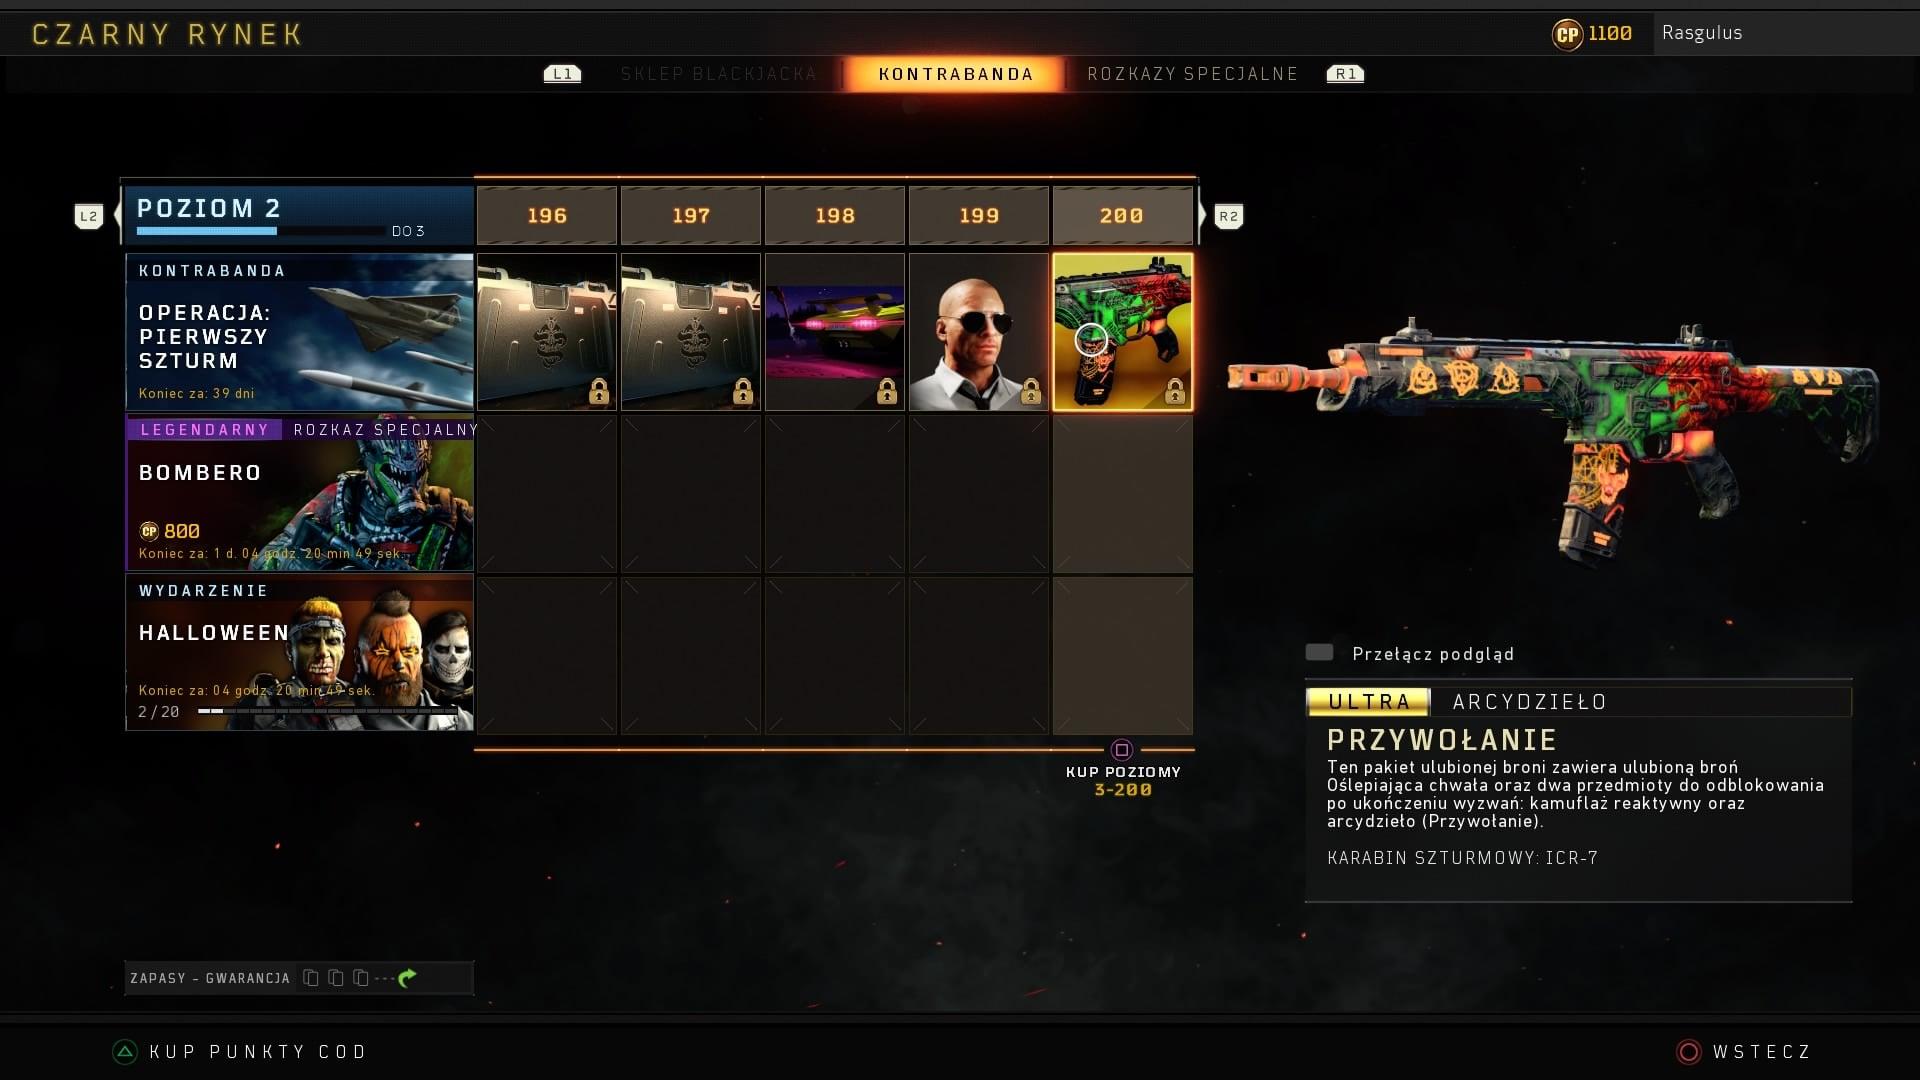 Jak przepchnąć mikrotransakcje w grze, unikając krytyki w recenzjach? Zrobić to po premierze, jak w Call of Duty: Black Ops 4 23